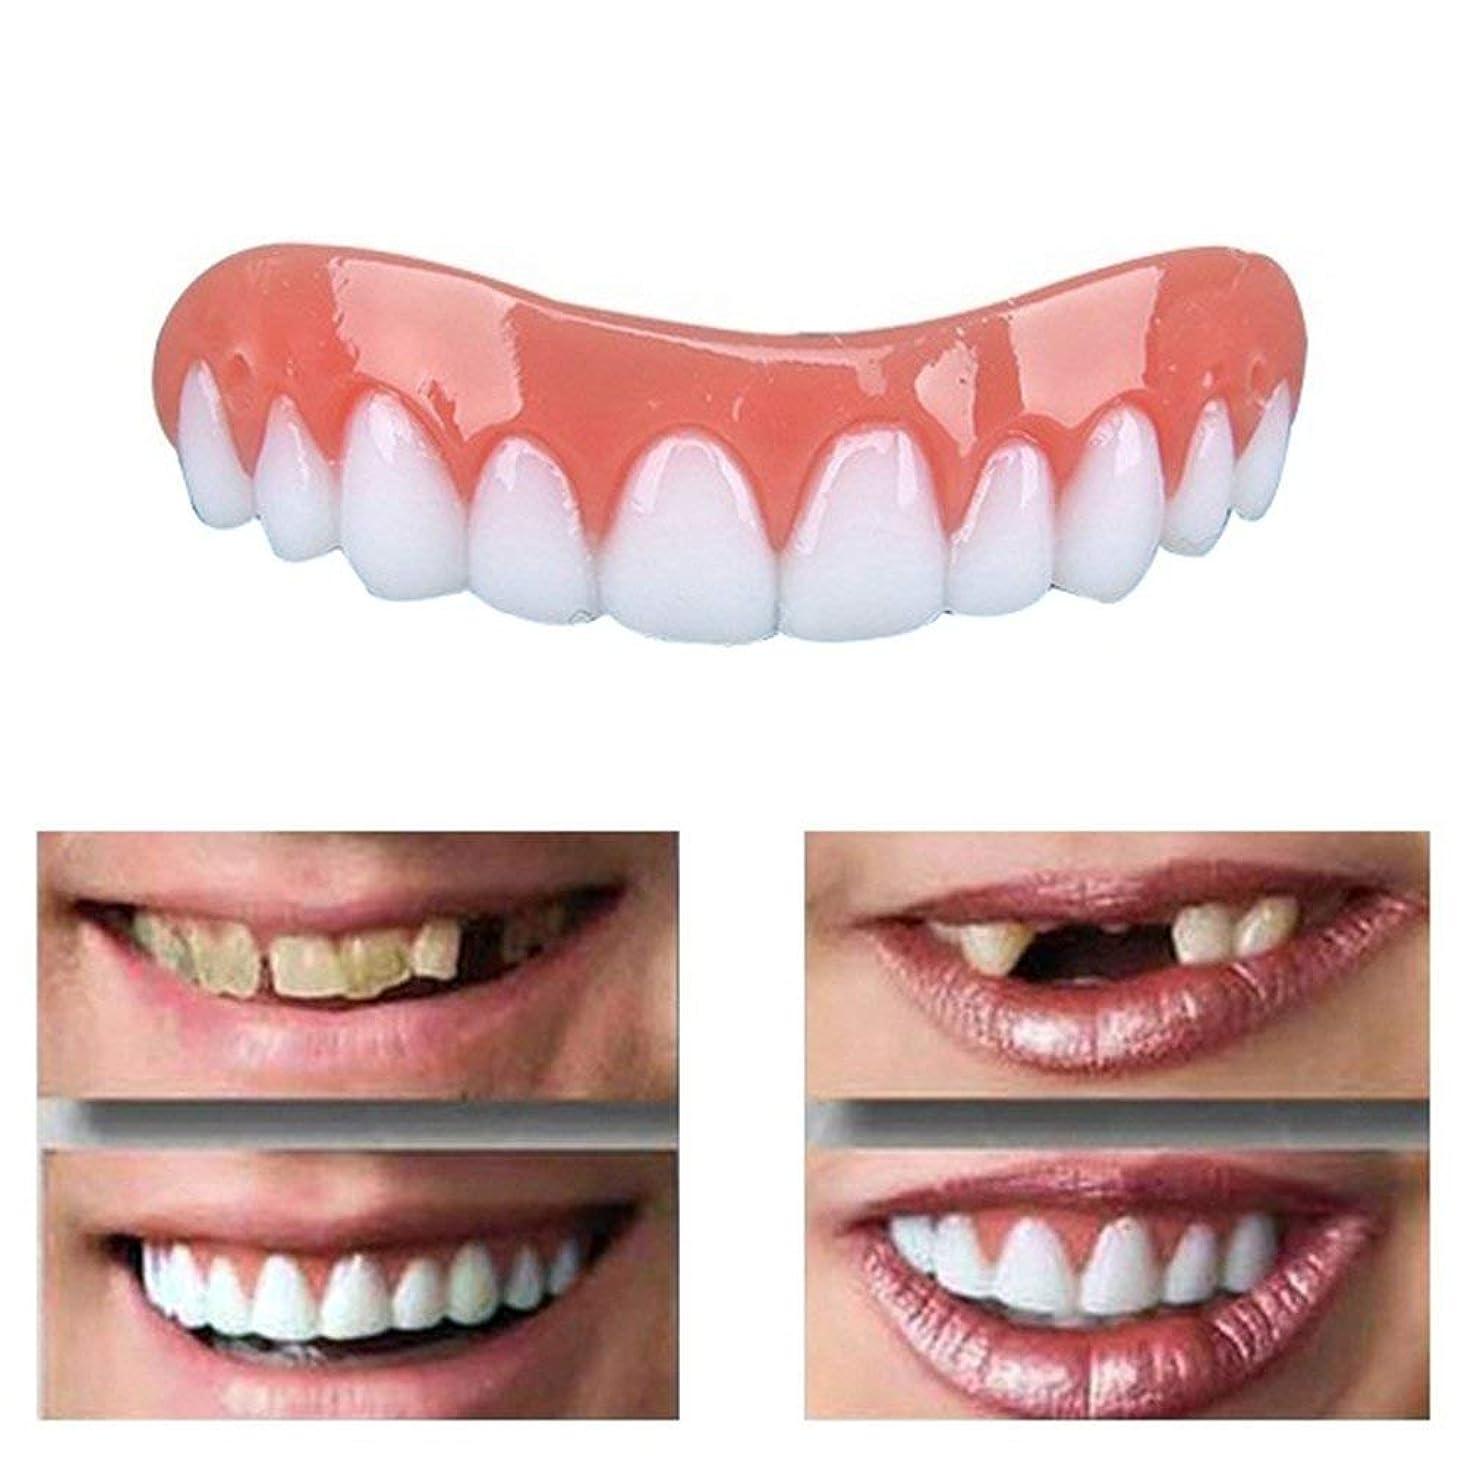 本物ワードローブ認可6Pcs安全で即刻の微笑の化粧品の快適で再使用可能な大人の上部義歯